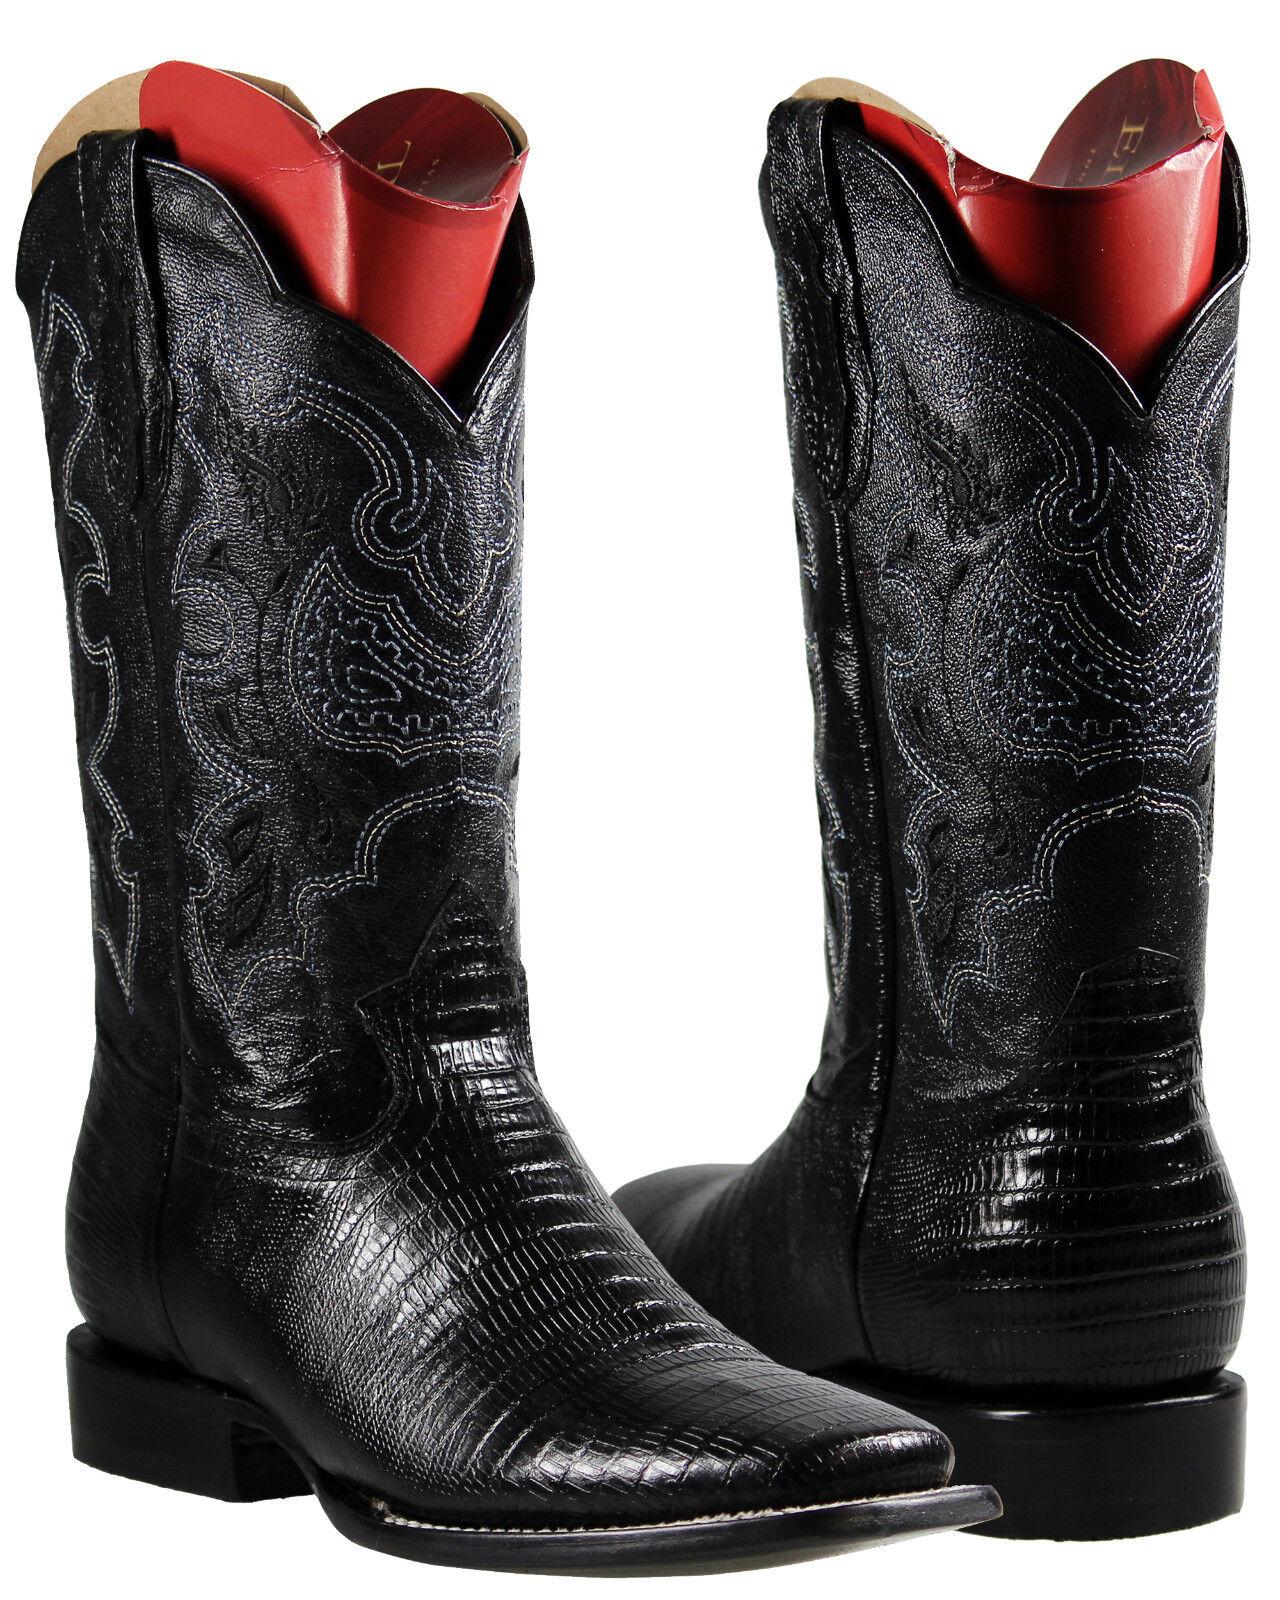 Men's Cowboy Rodeo Boots El General Lizard Print Imitacion Armadillo